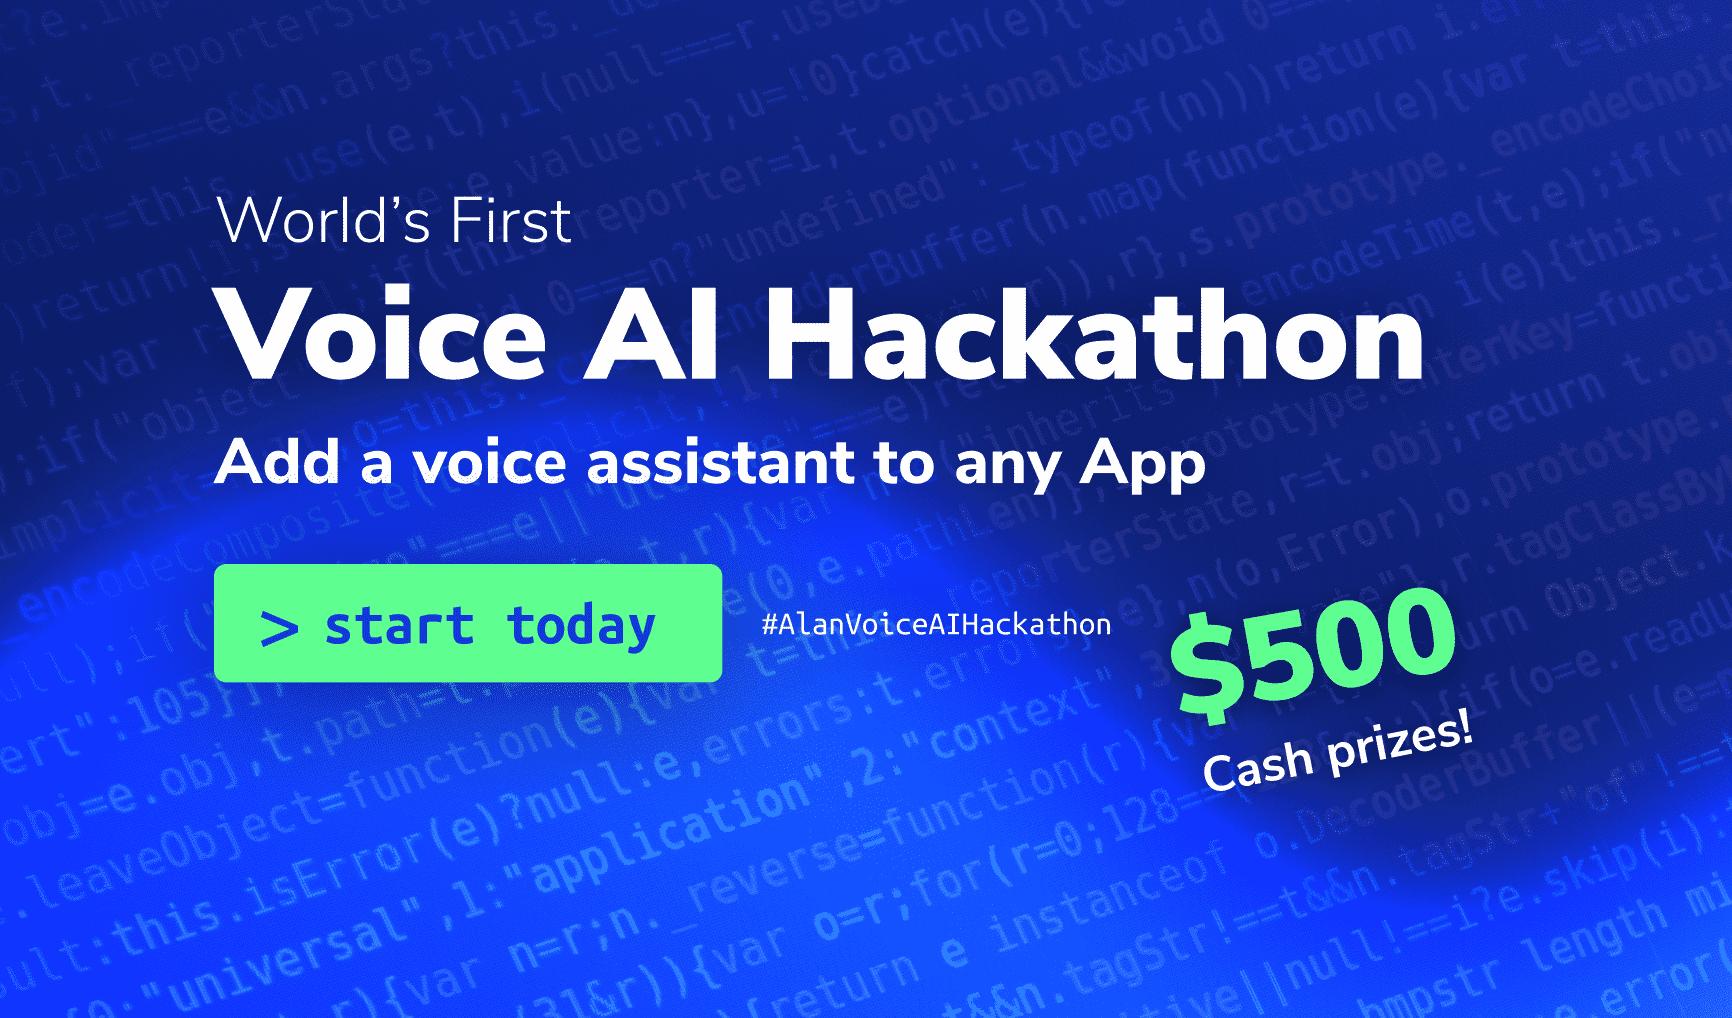 Voice AI Hackathon